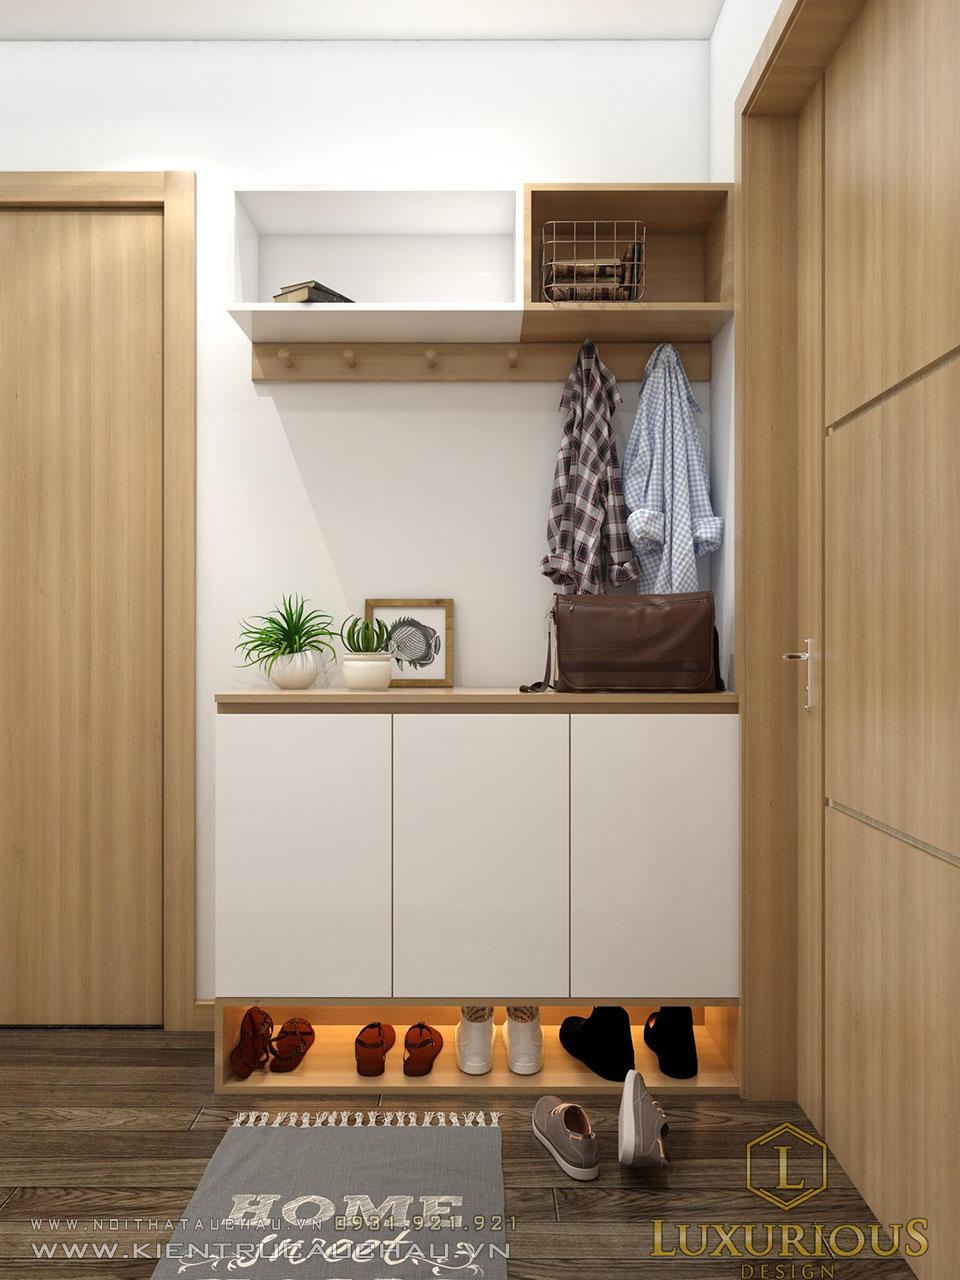 Mẫu thiết kế chung cư định công hiện đại